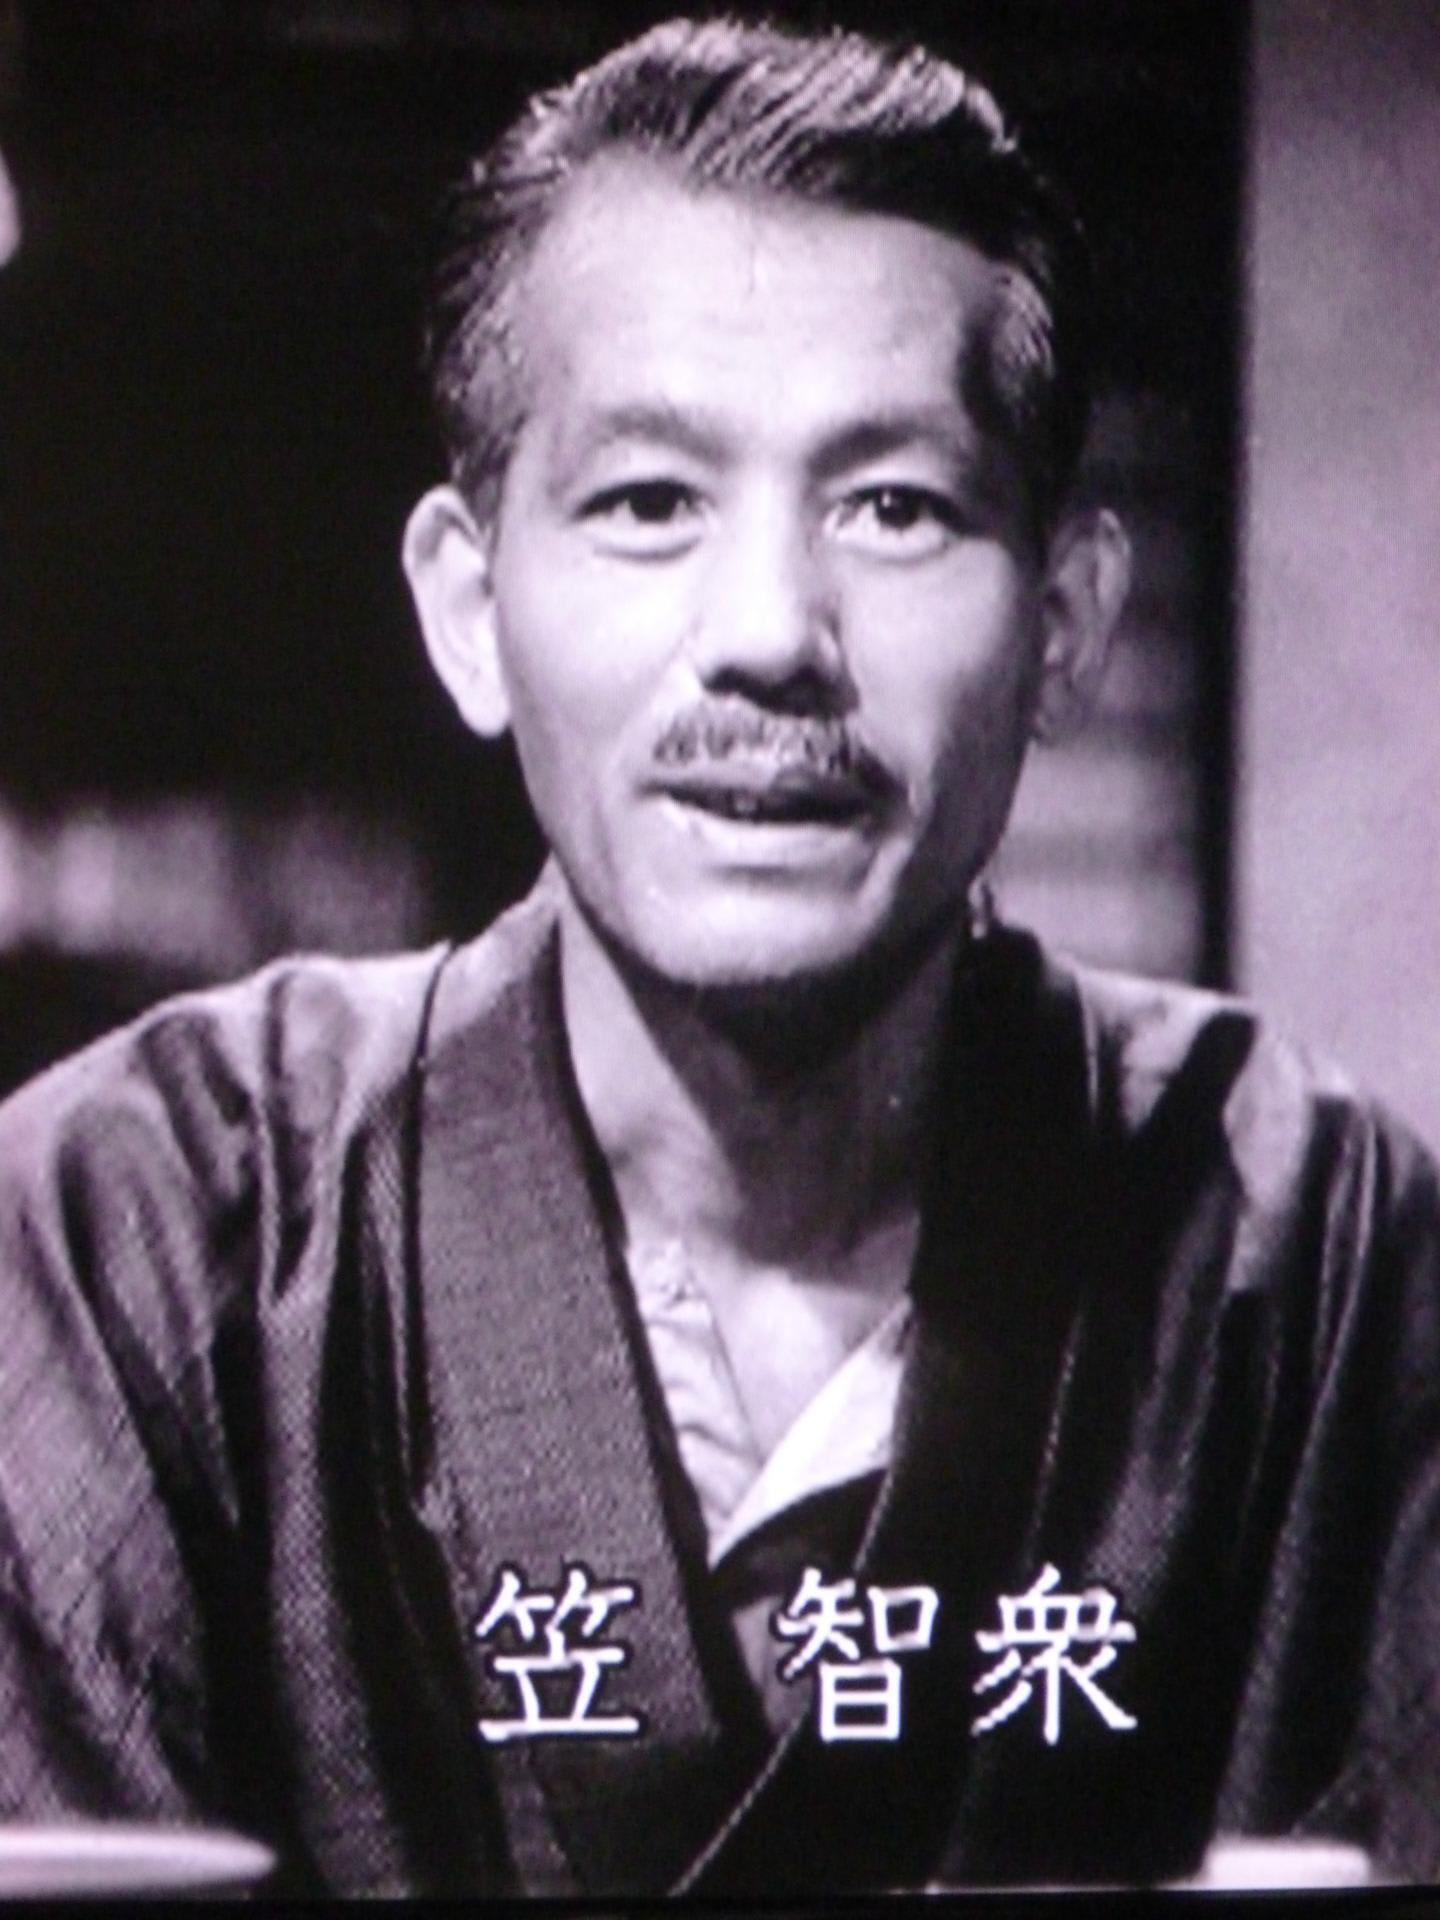 笠智衆の画像 p1_12